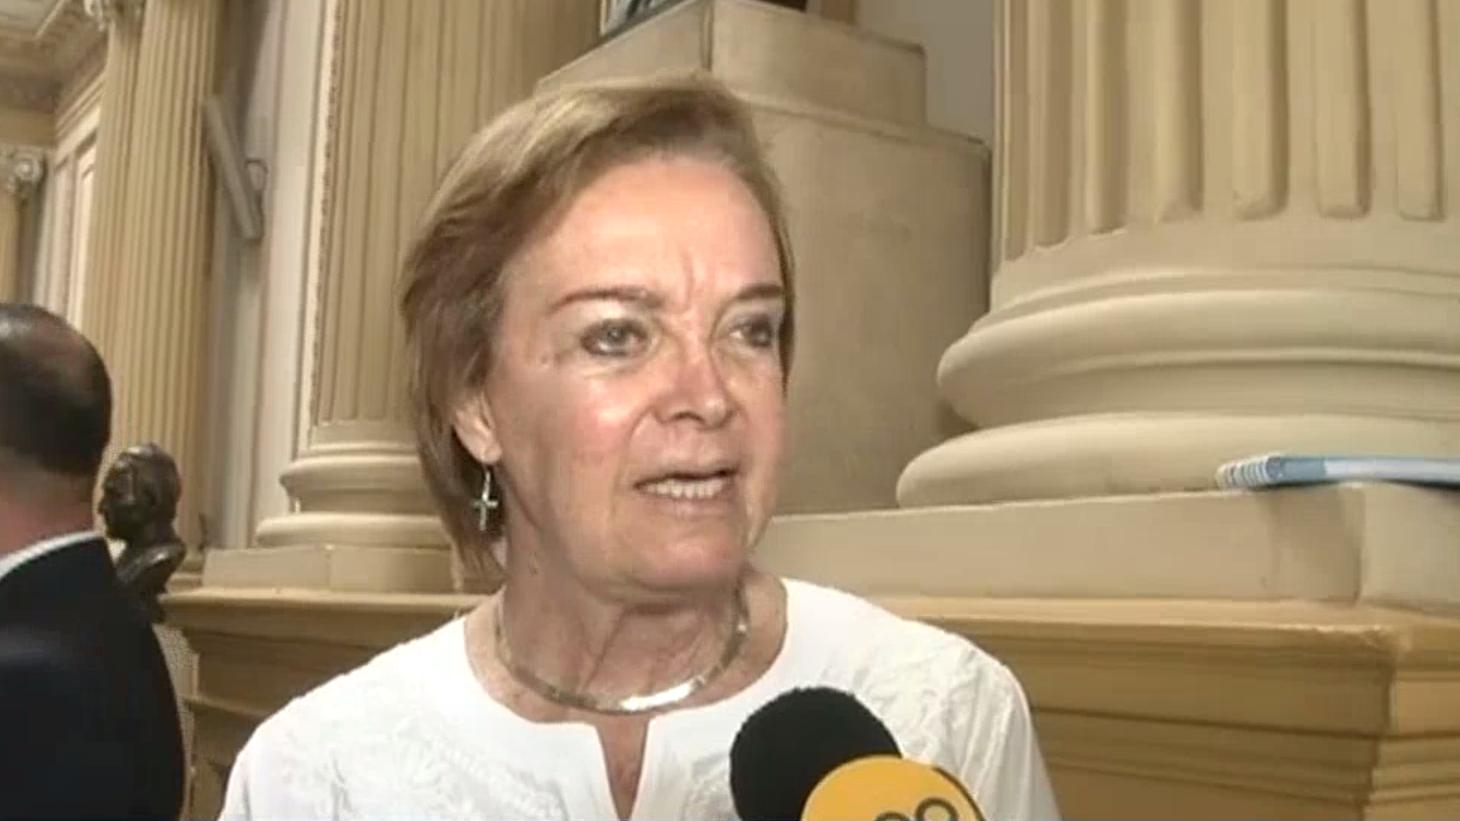 La ex parlamentaria también se pronunció sobre la votación de Kenji Fujimori, la cual estuvo en contra de la vacancia presidencial.